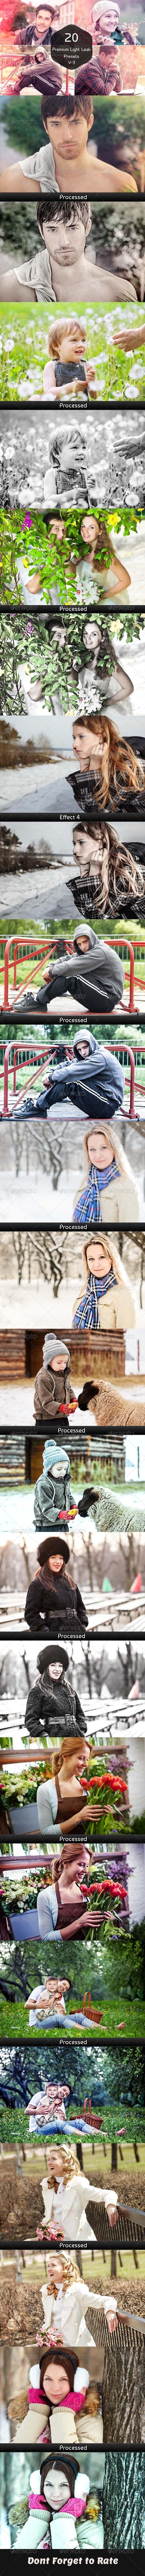 GraphicRiver 20 HDR Pro Lightroom Presets 8032308